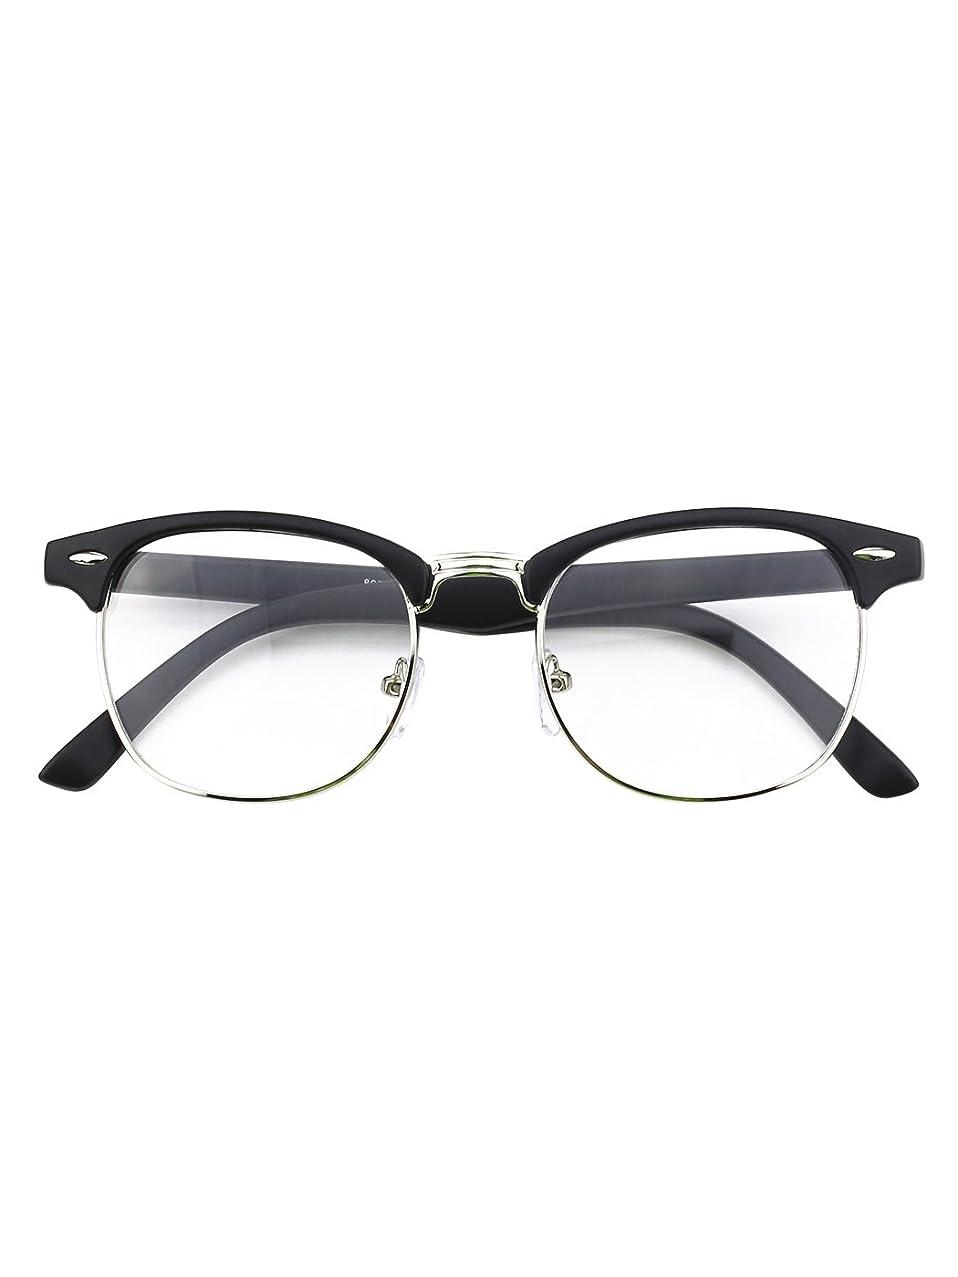 GQUEEN 201556 Vintage Inspired Half Frame Clear Lens Glasses